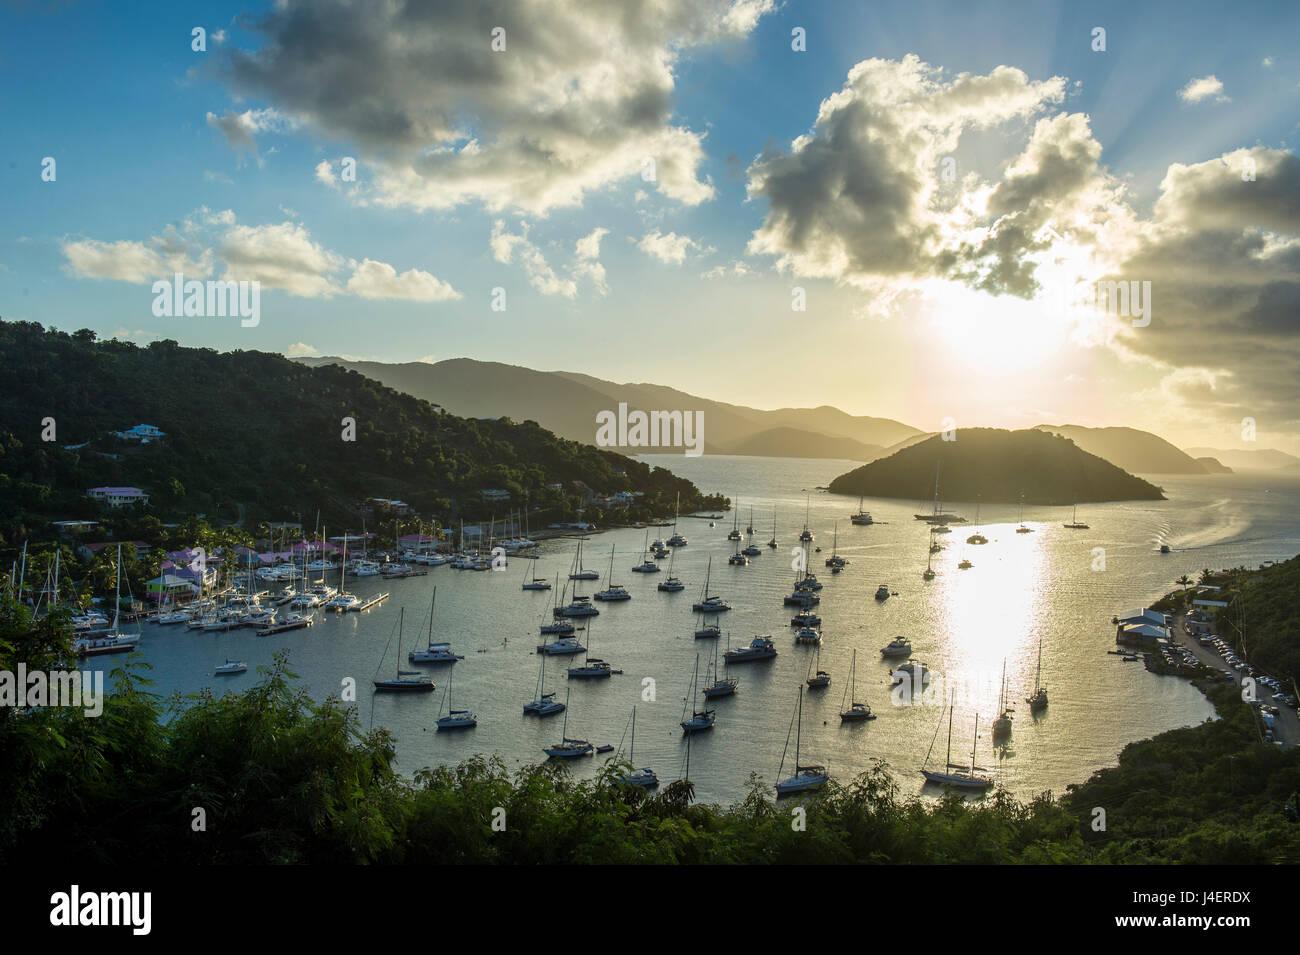 Bateau à voile port sur l'extrémité ouest de Tortola, Îles Vierges britanniques, Antilles, Photo Stock